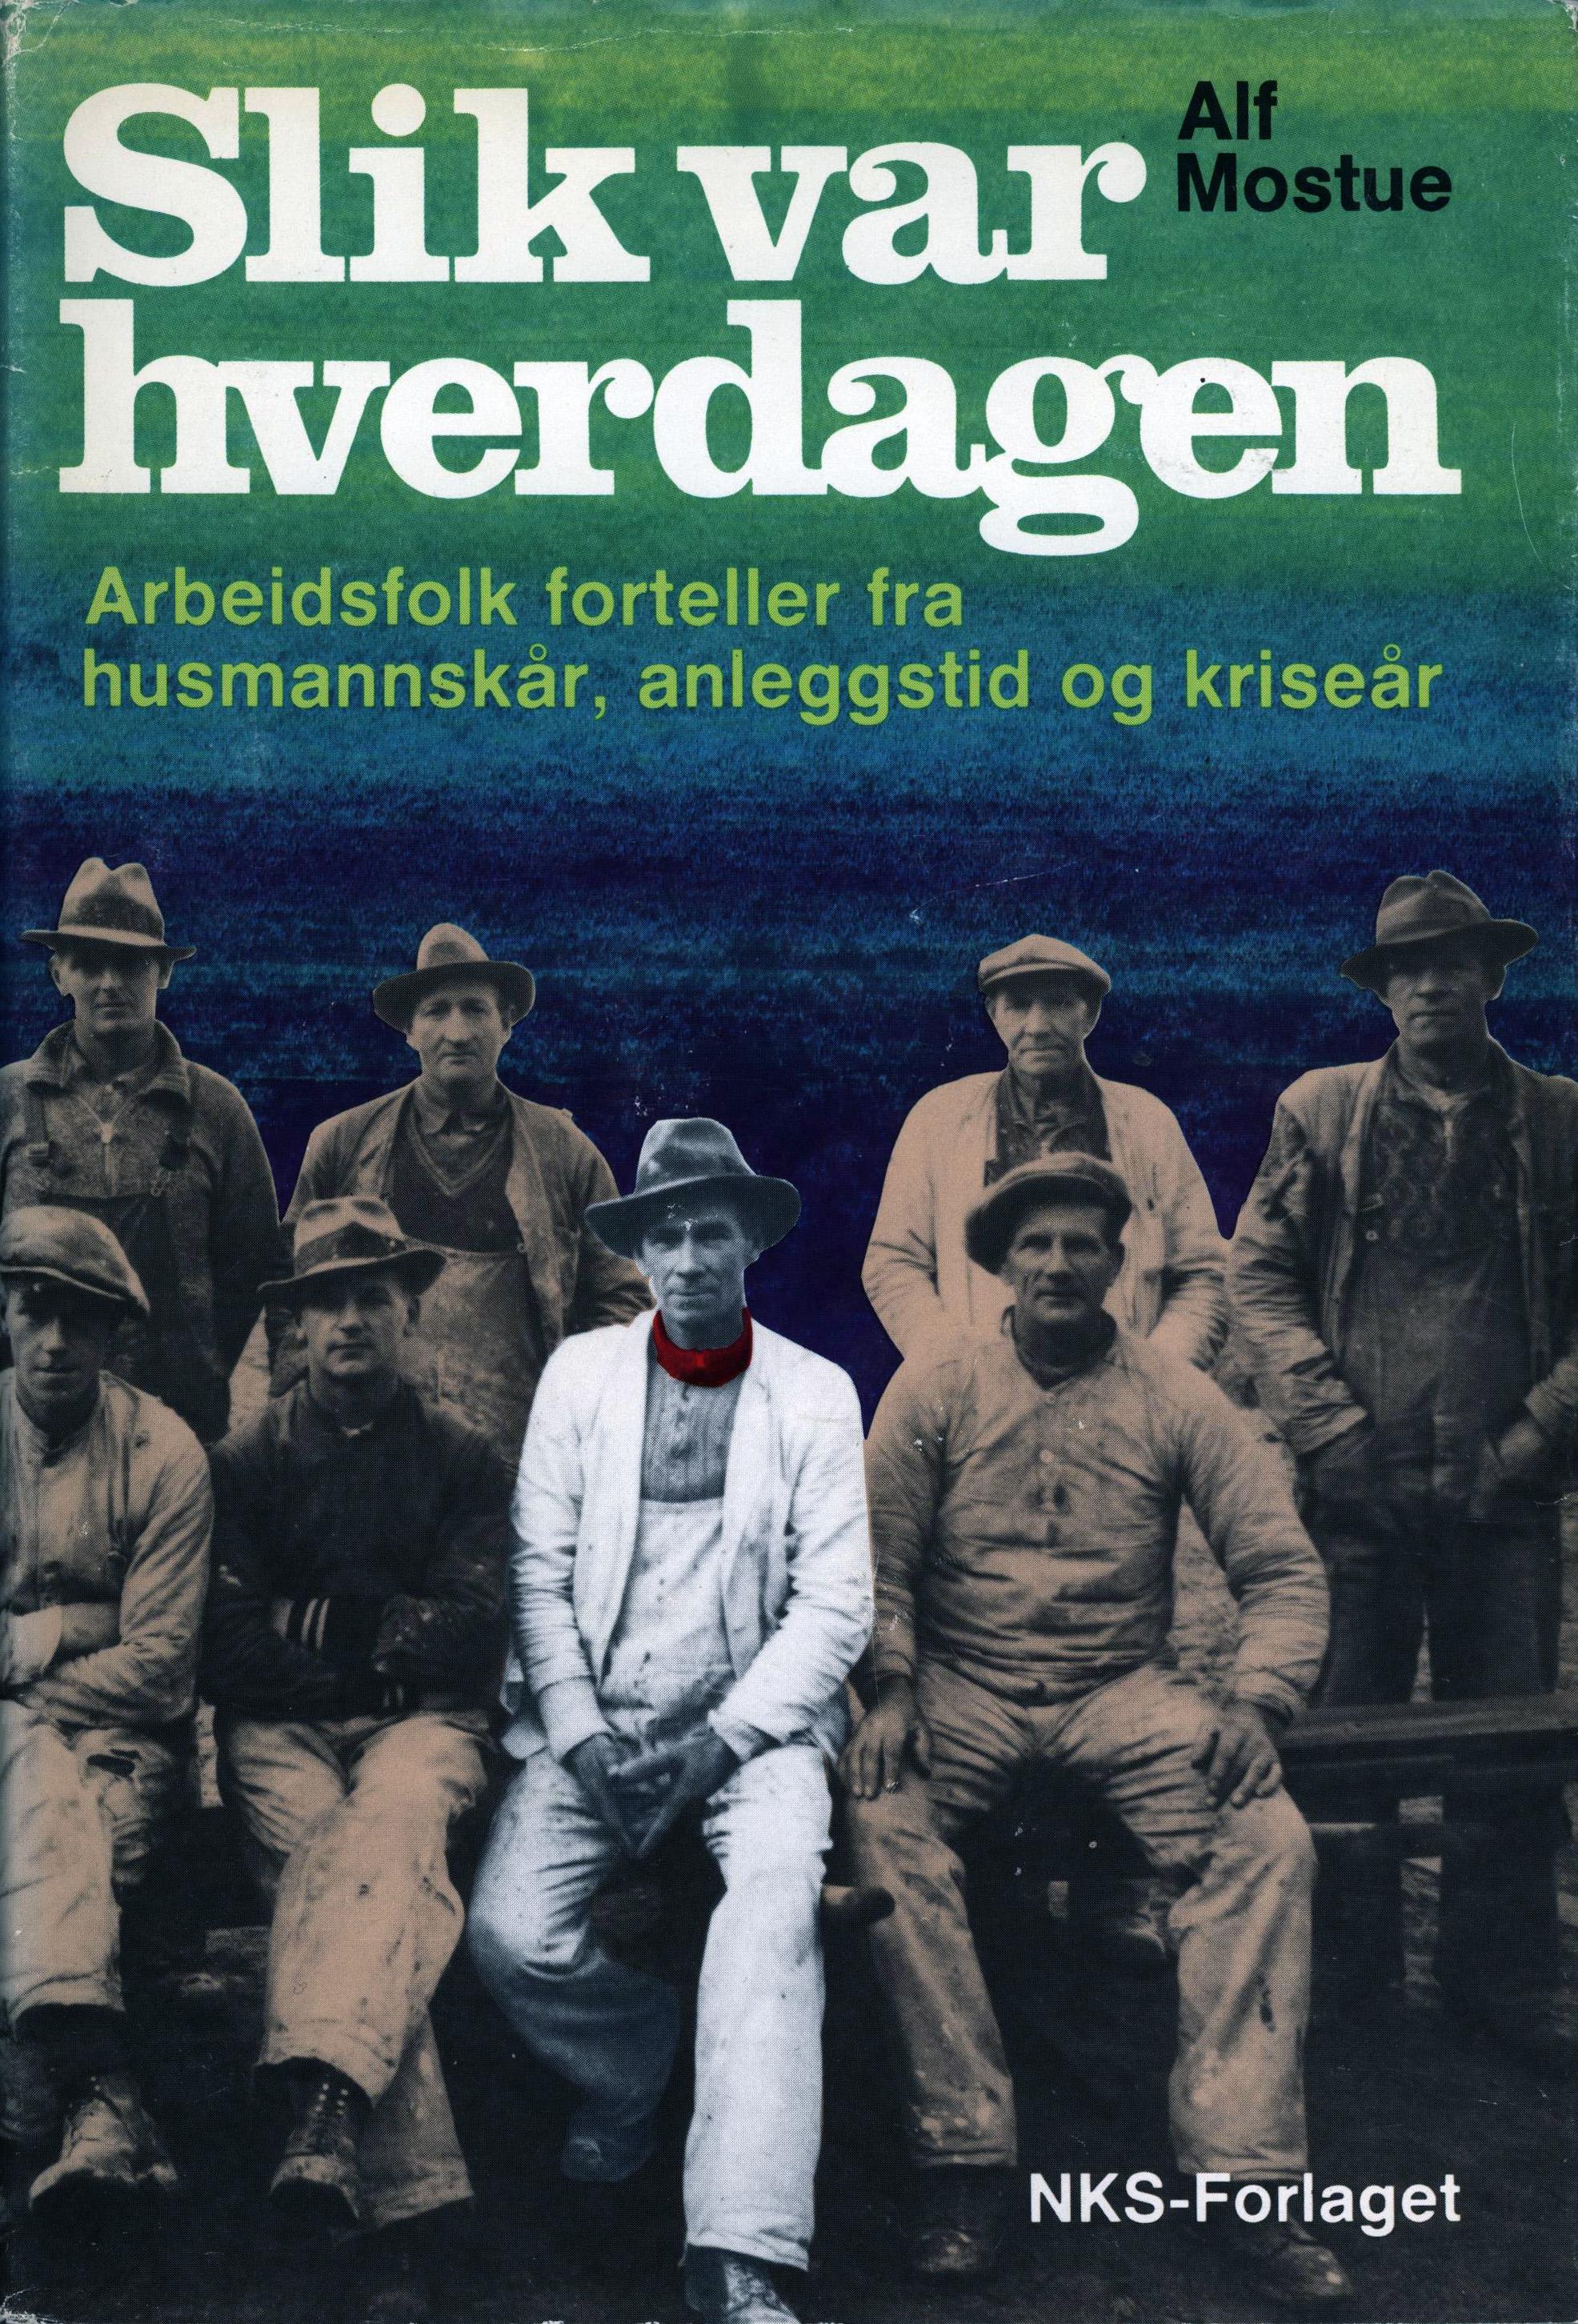 Alf Mostue: Slik var hverdagen - Arbeidsfolk forteller fra husmannskår, anleggstid og kriseår